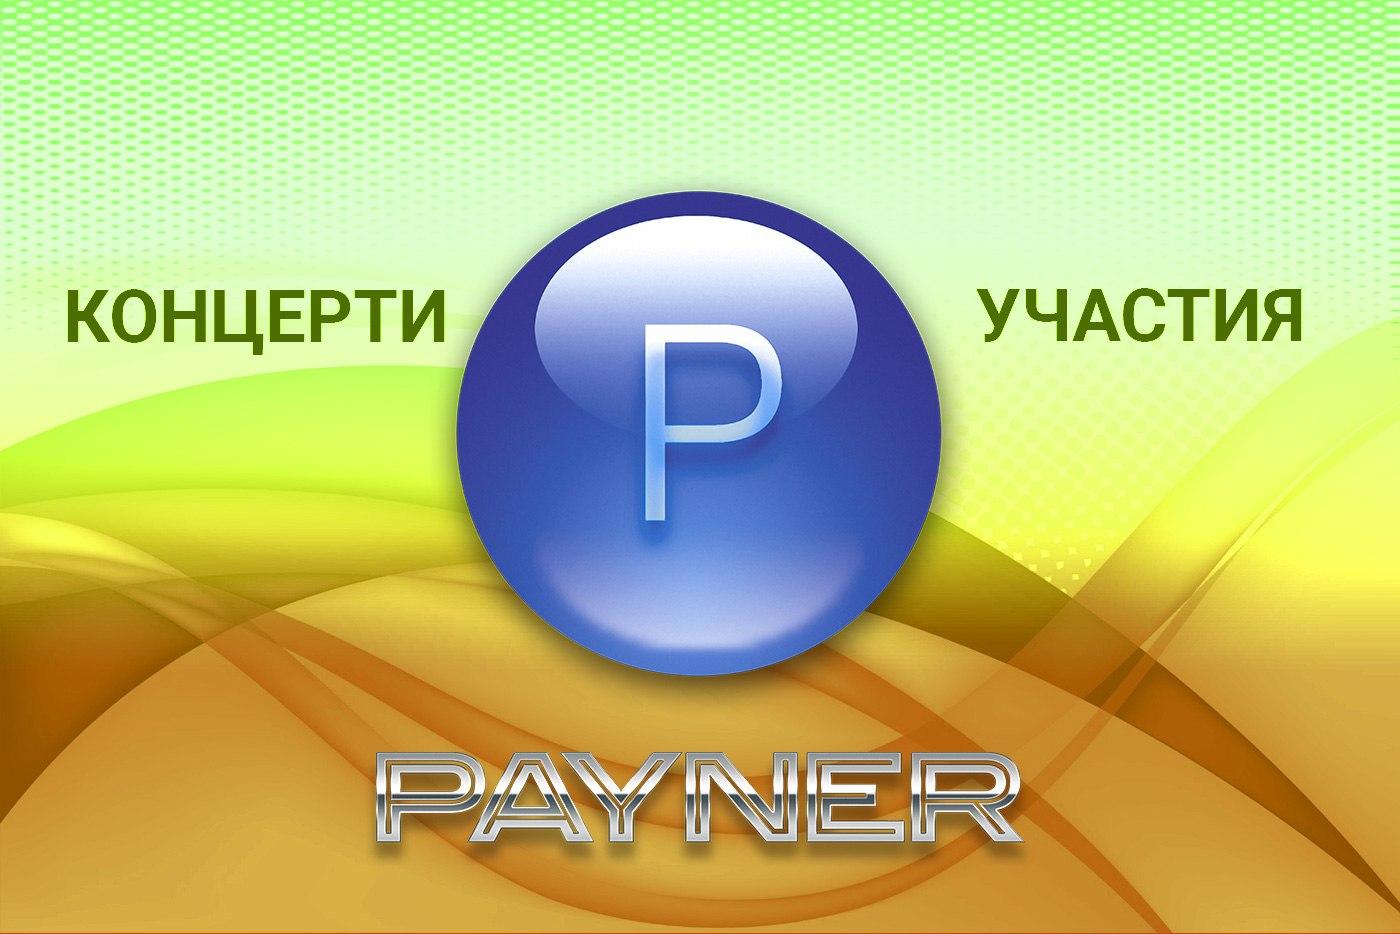 """Участия на звездите на """"Пайнер"""" на 19.07.2020"""